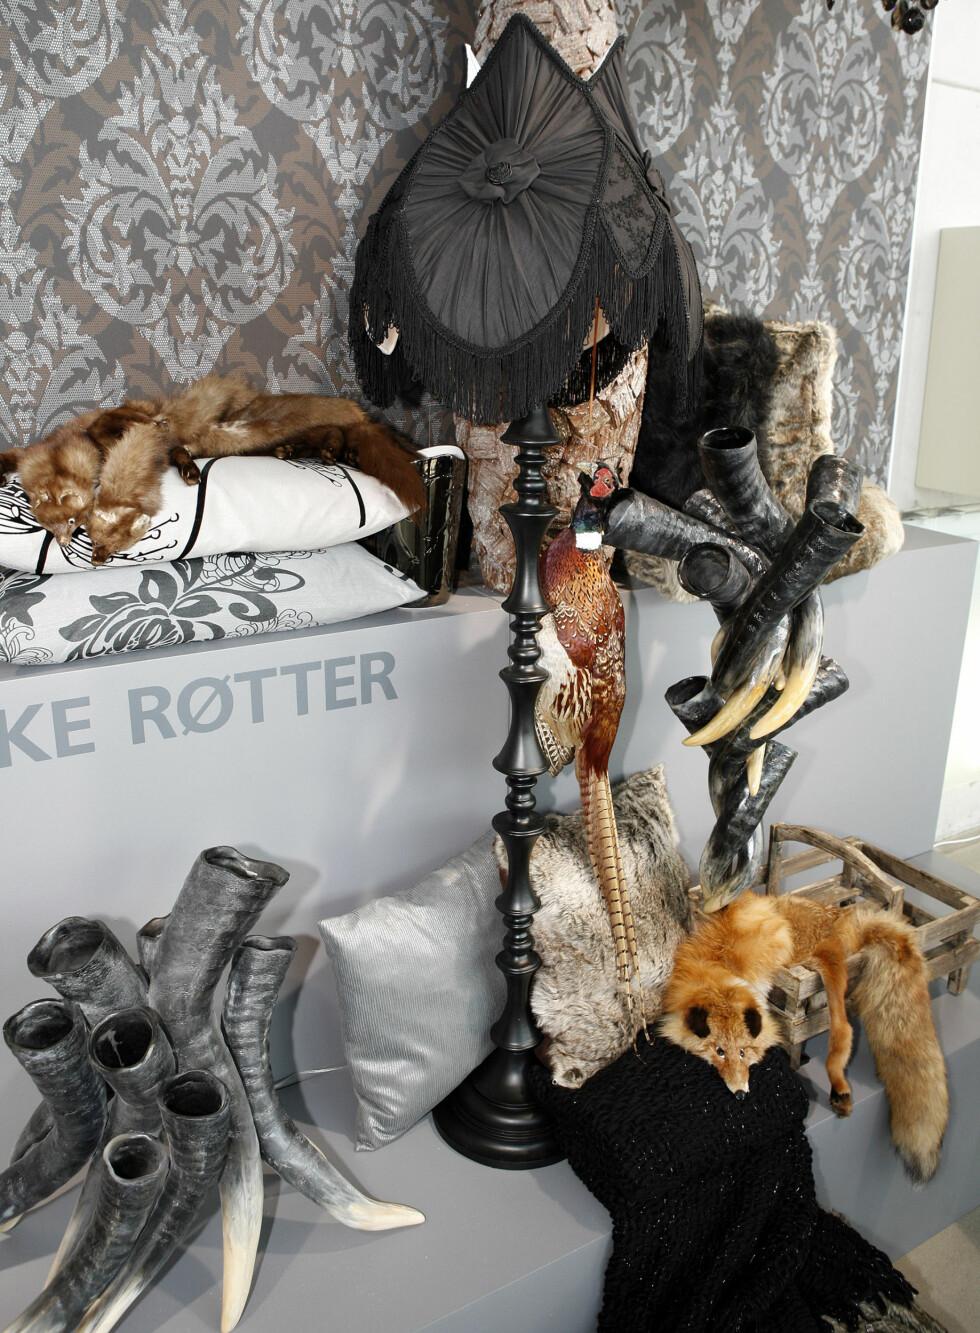 Hornvaser fra ShiShi, lampe fra Globen, puter fra Shishi, Alpaca Society og Au Maison, tapet fra Astex Decoration. (Dyrene, som fikk denne journalisten til å tenke på gamle og mørke britiske eller nederlandske malerier, var på utlån fra private.) Foto: Per Ervland